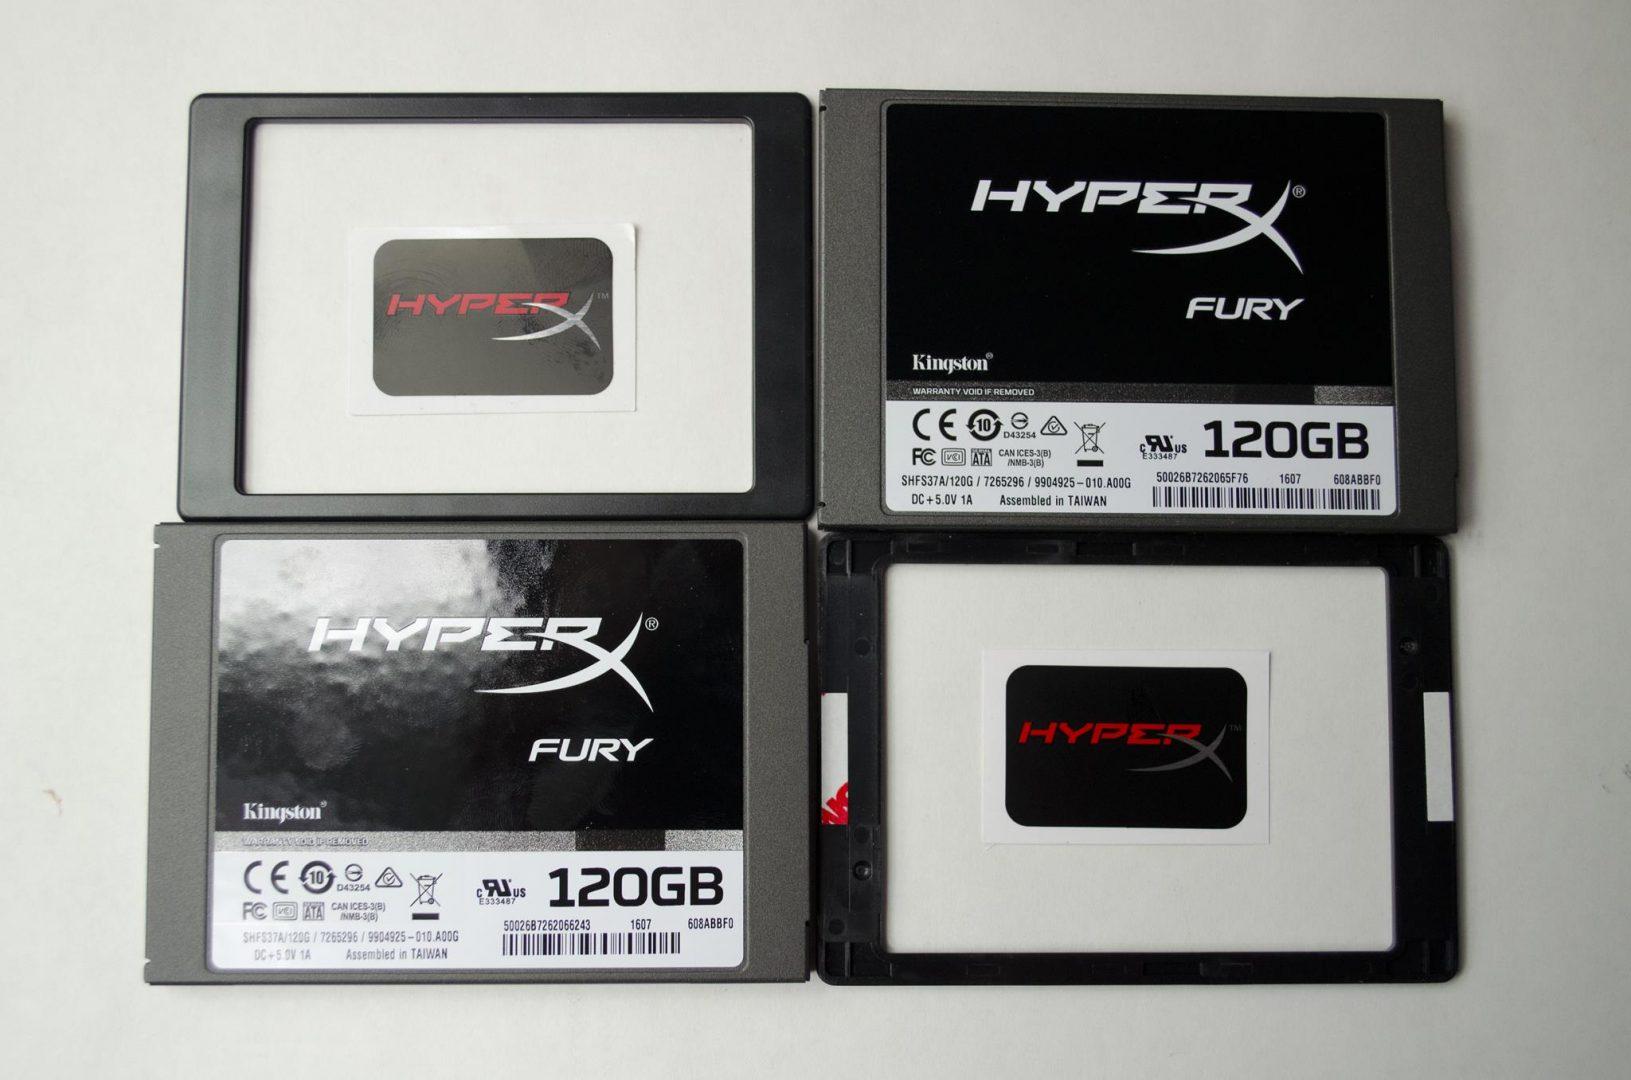 HyperX Fury SSD 120GB _1